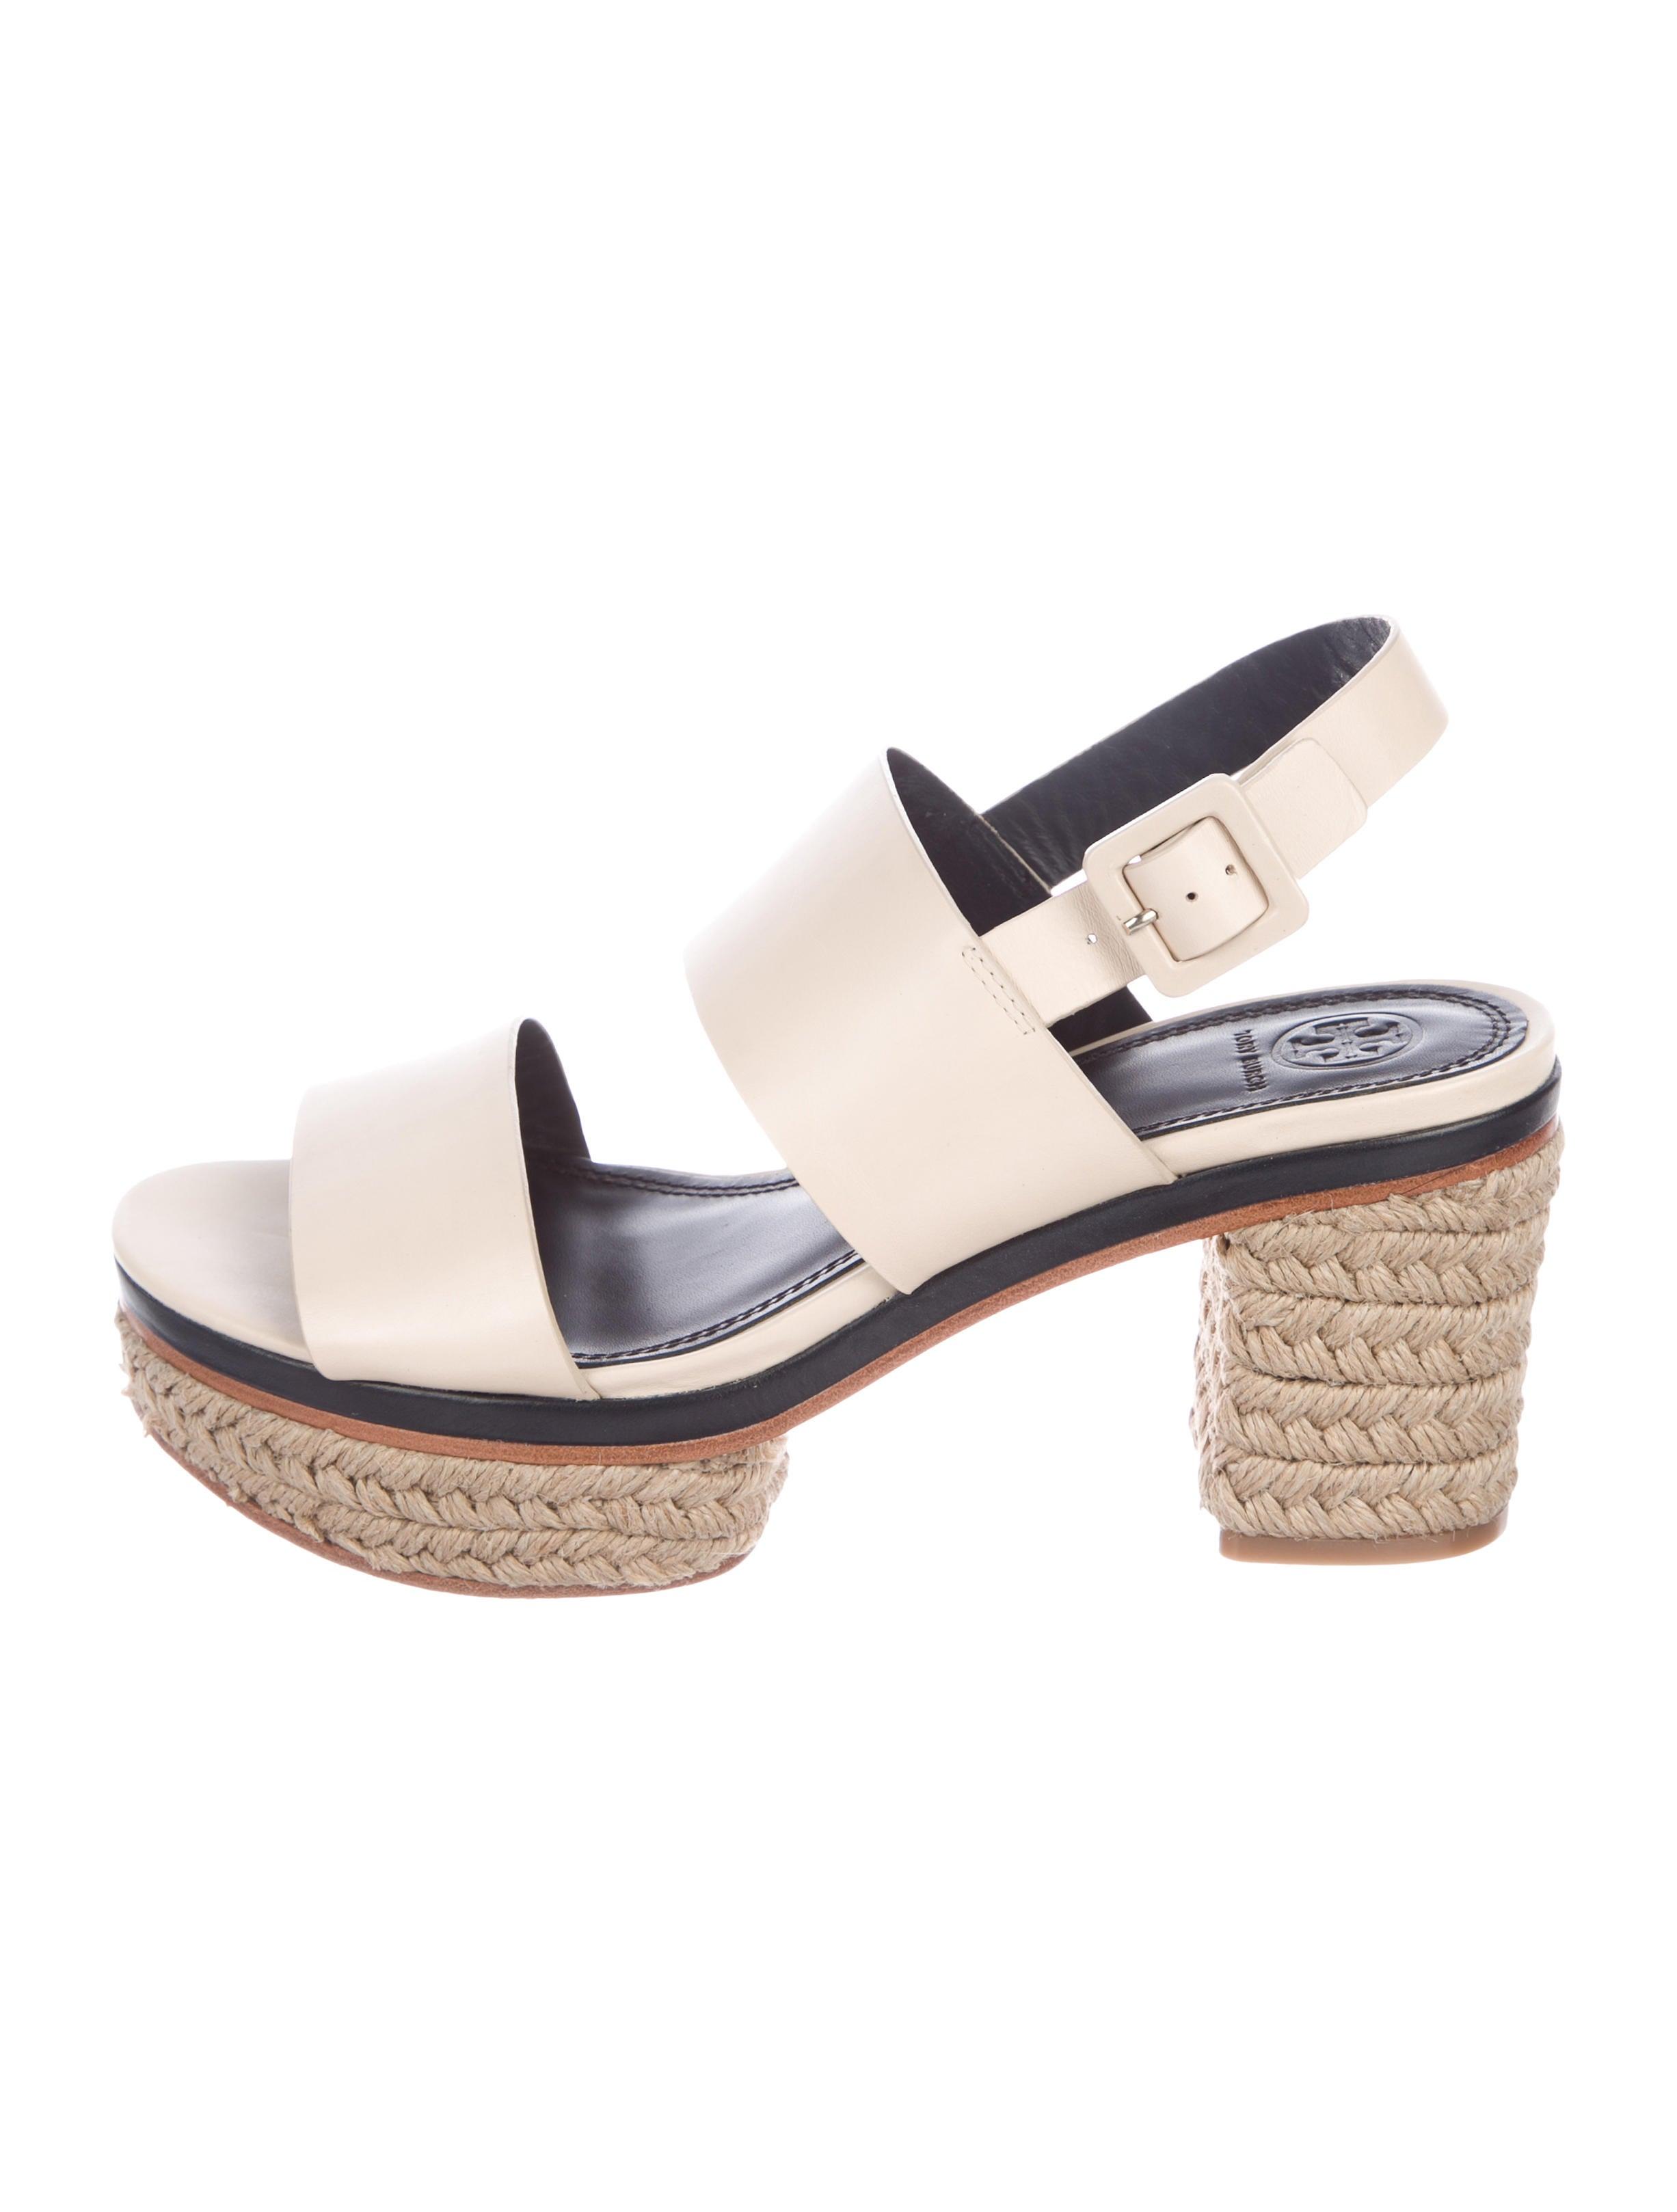 d0e2a78d637 Tory Burch Solana Espadrille Sandals - Shoes - WTO127458